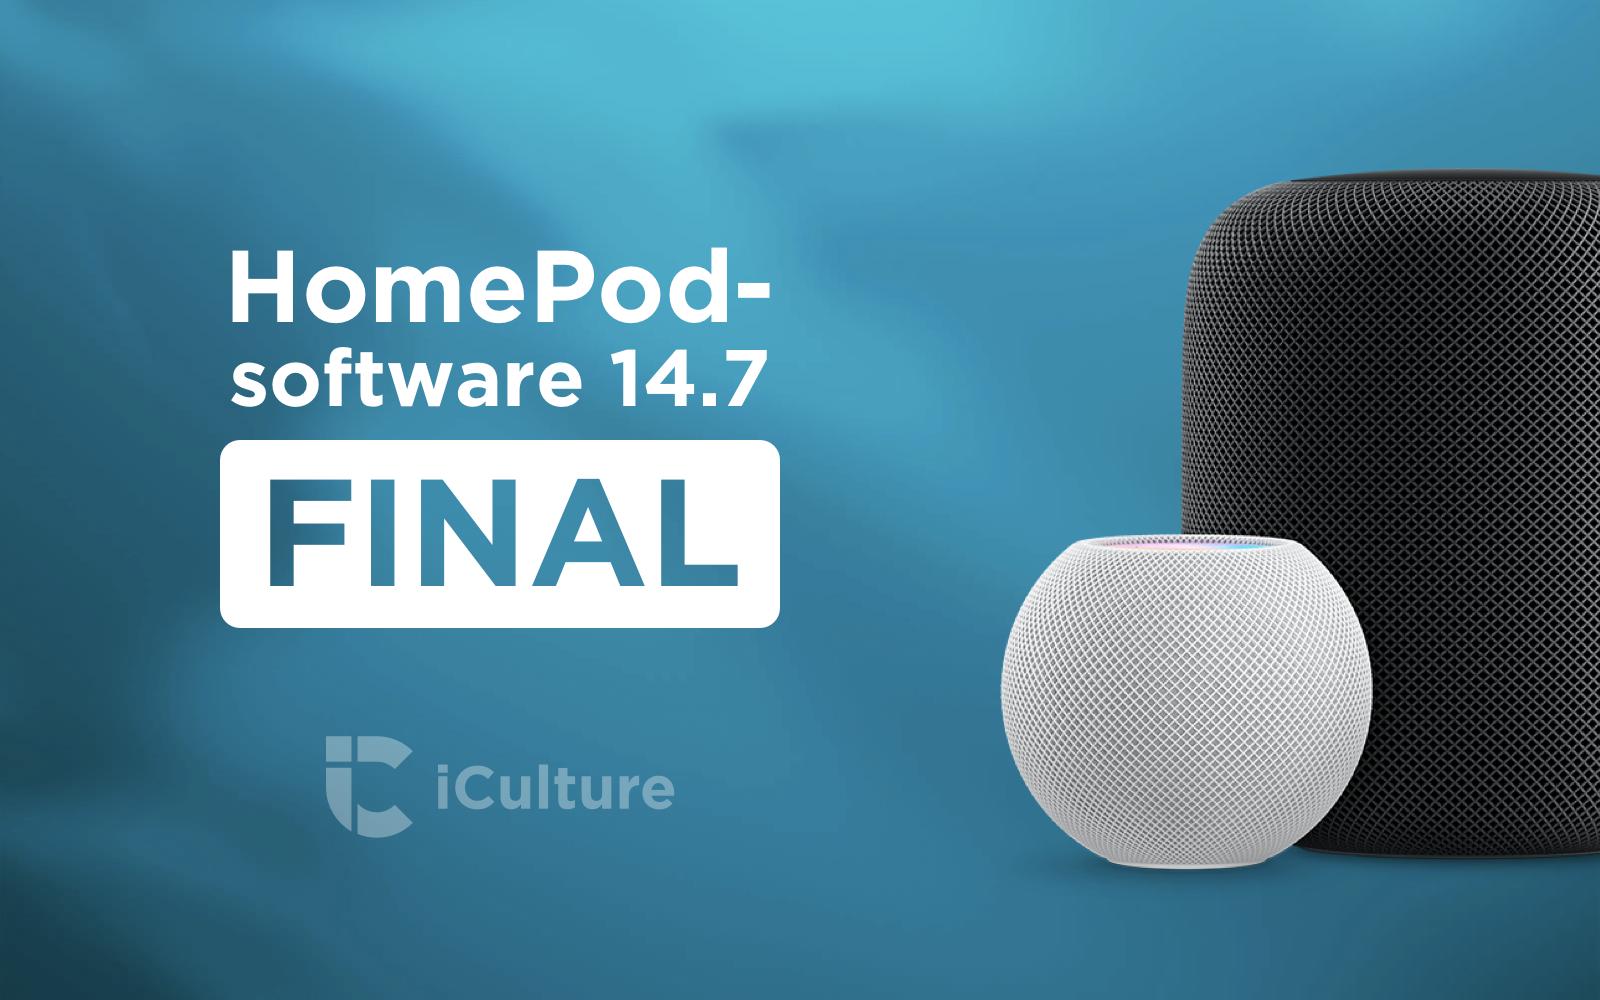 HomePod software-versie 14.7.